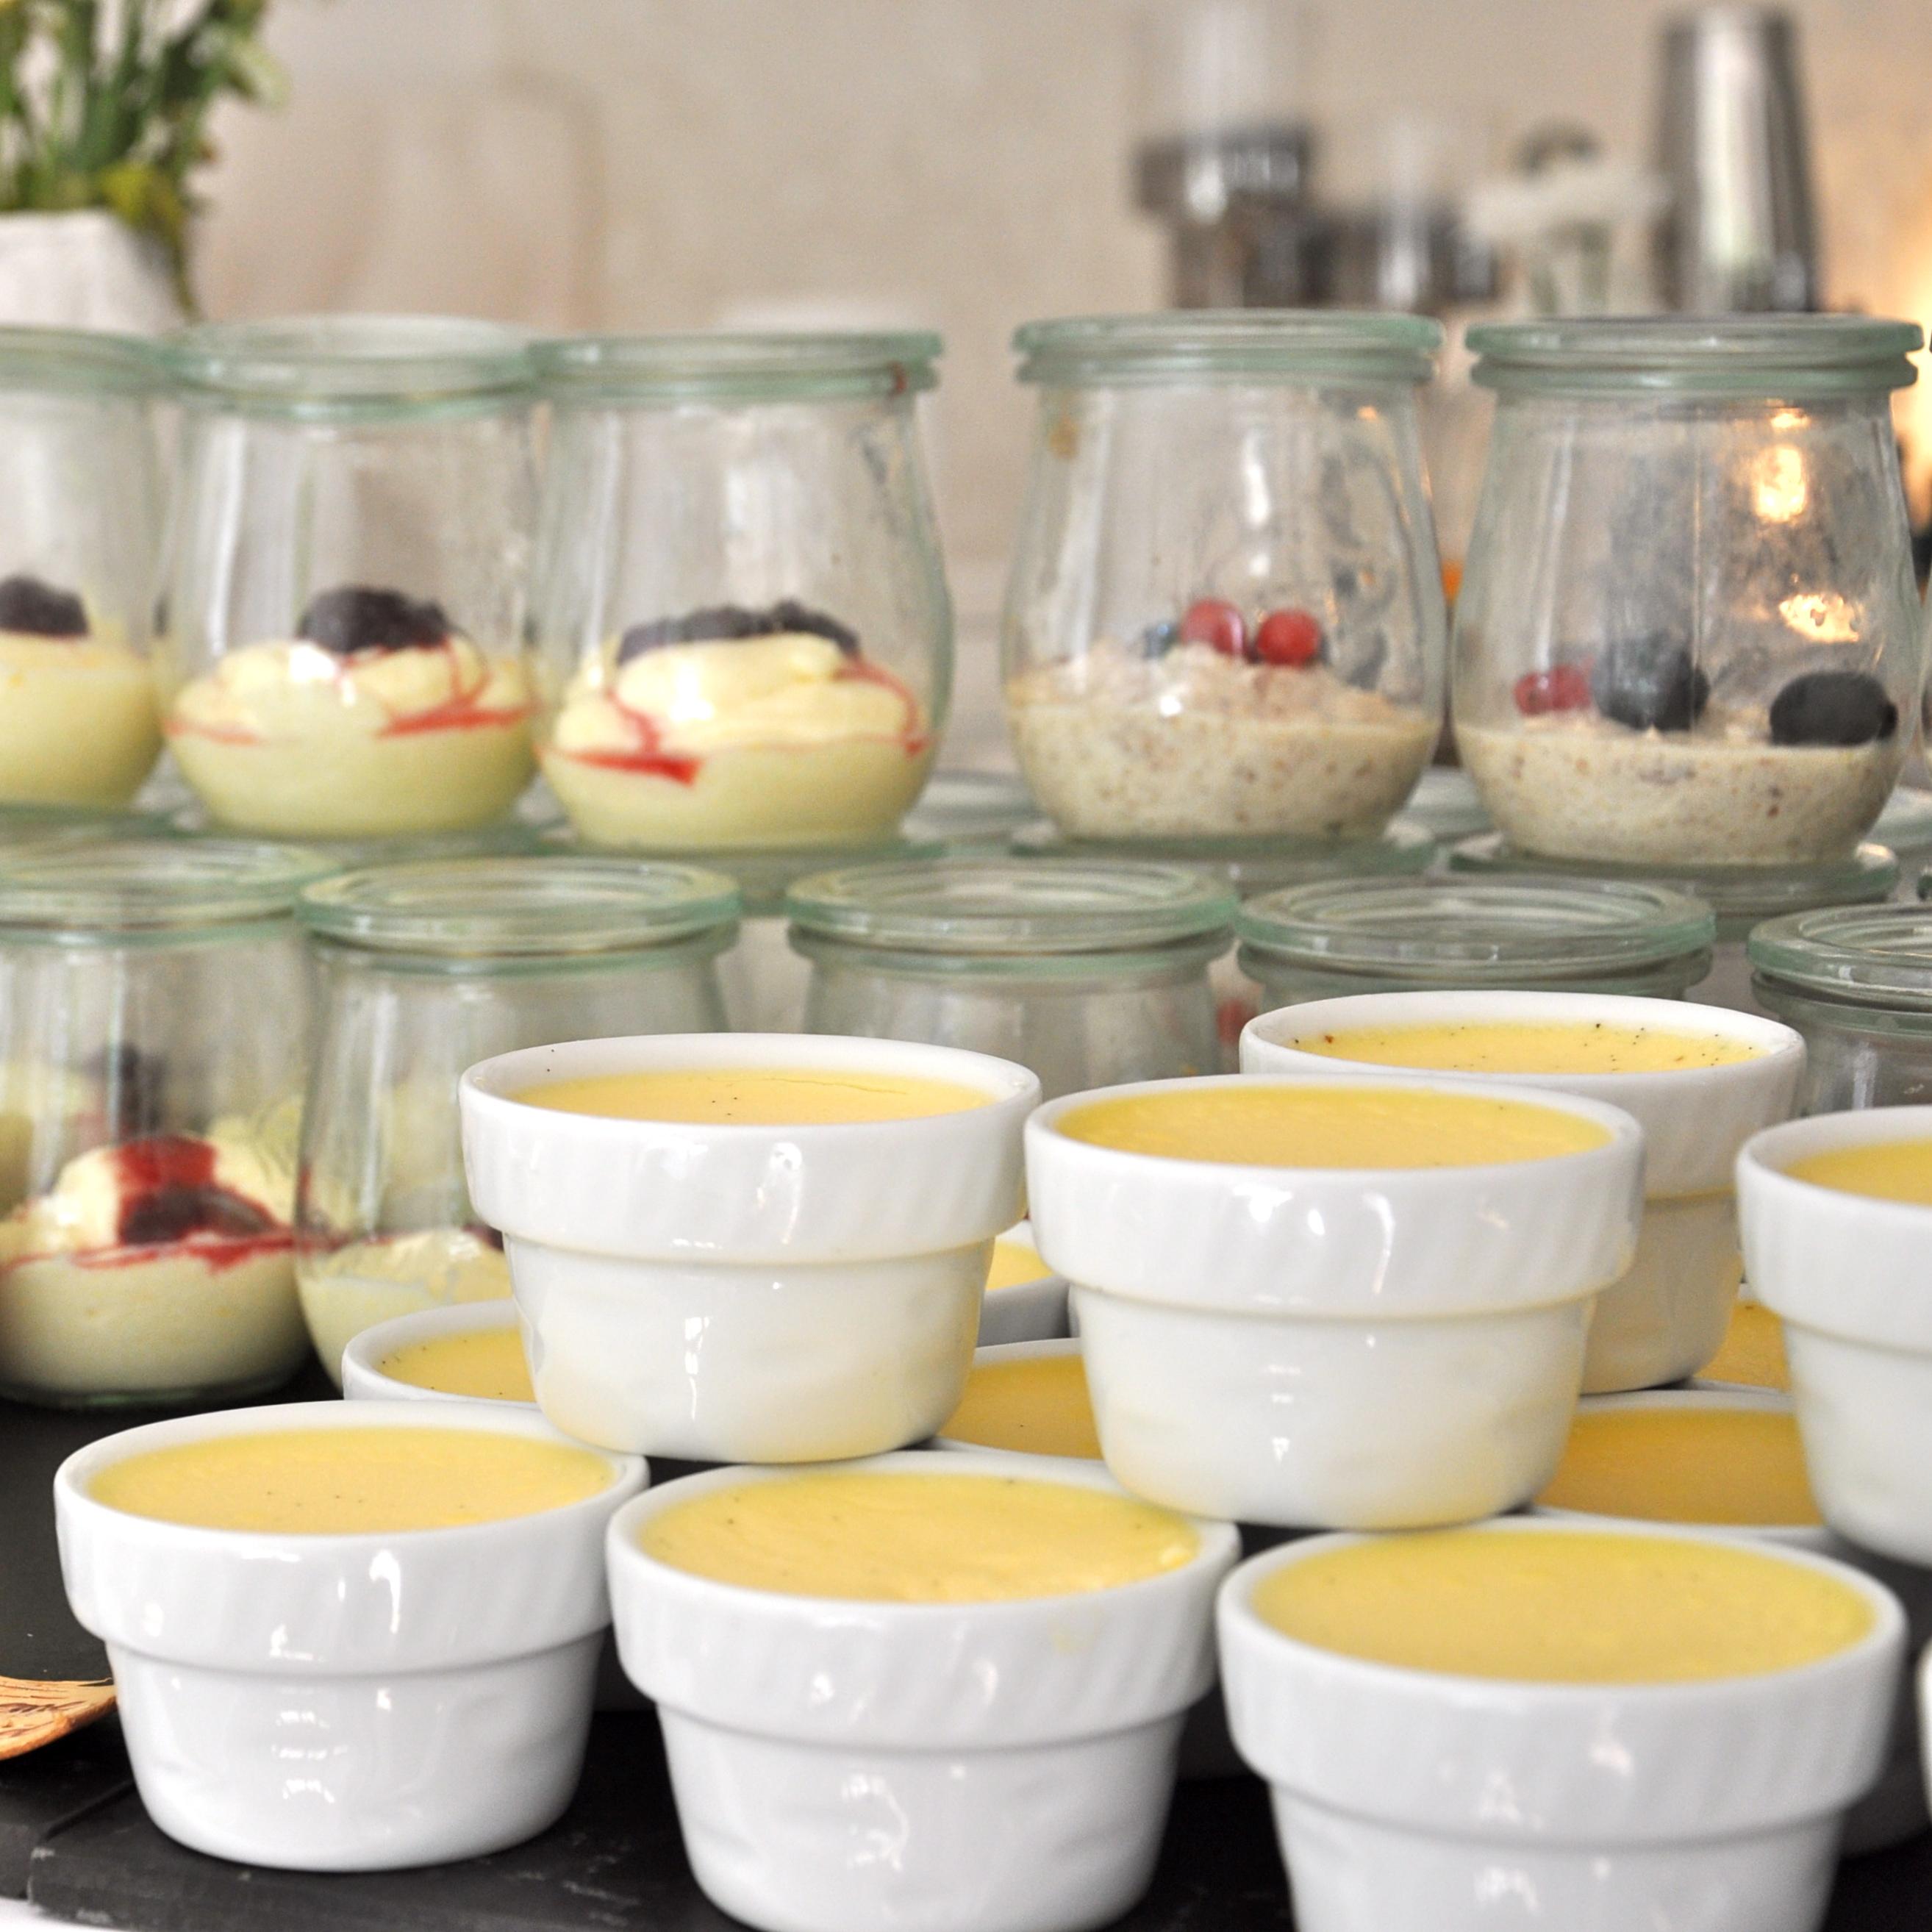 Schneeweiss-Berlin- Fruehstueck-Brunch-Desserts